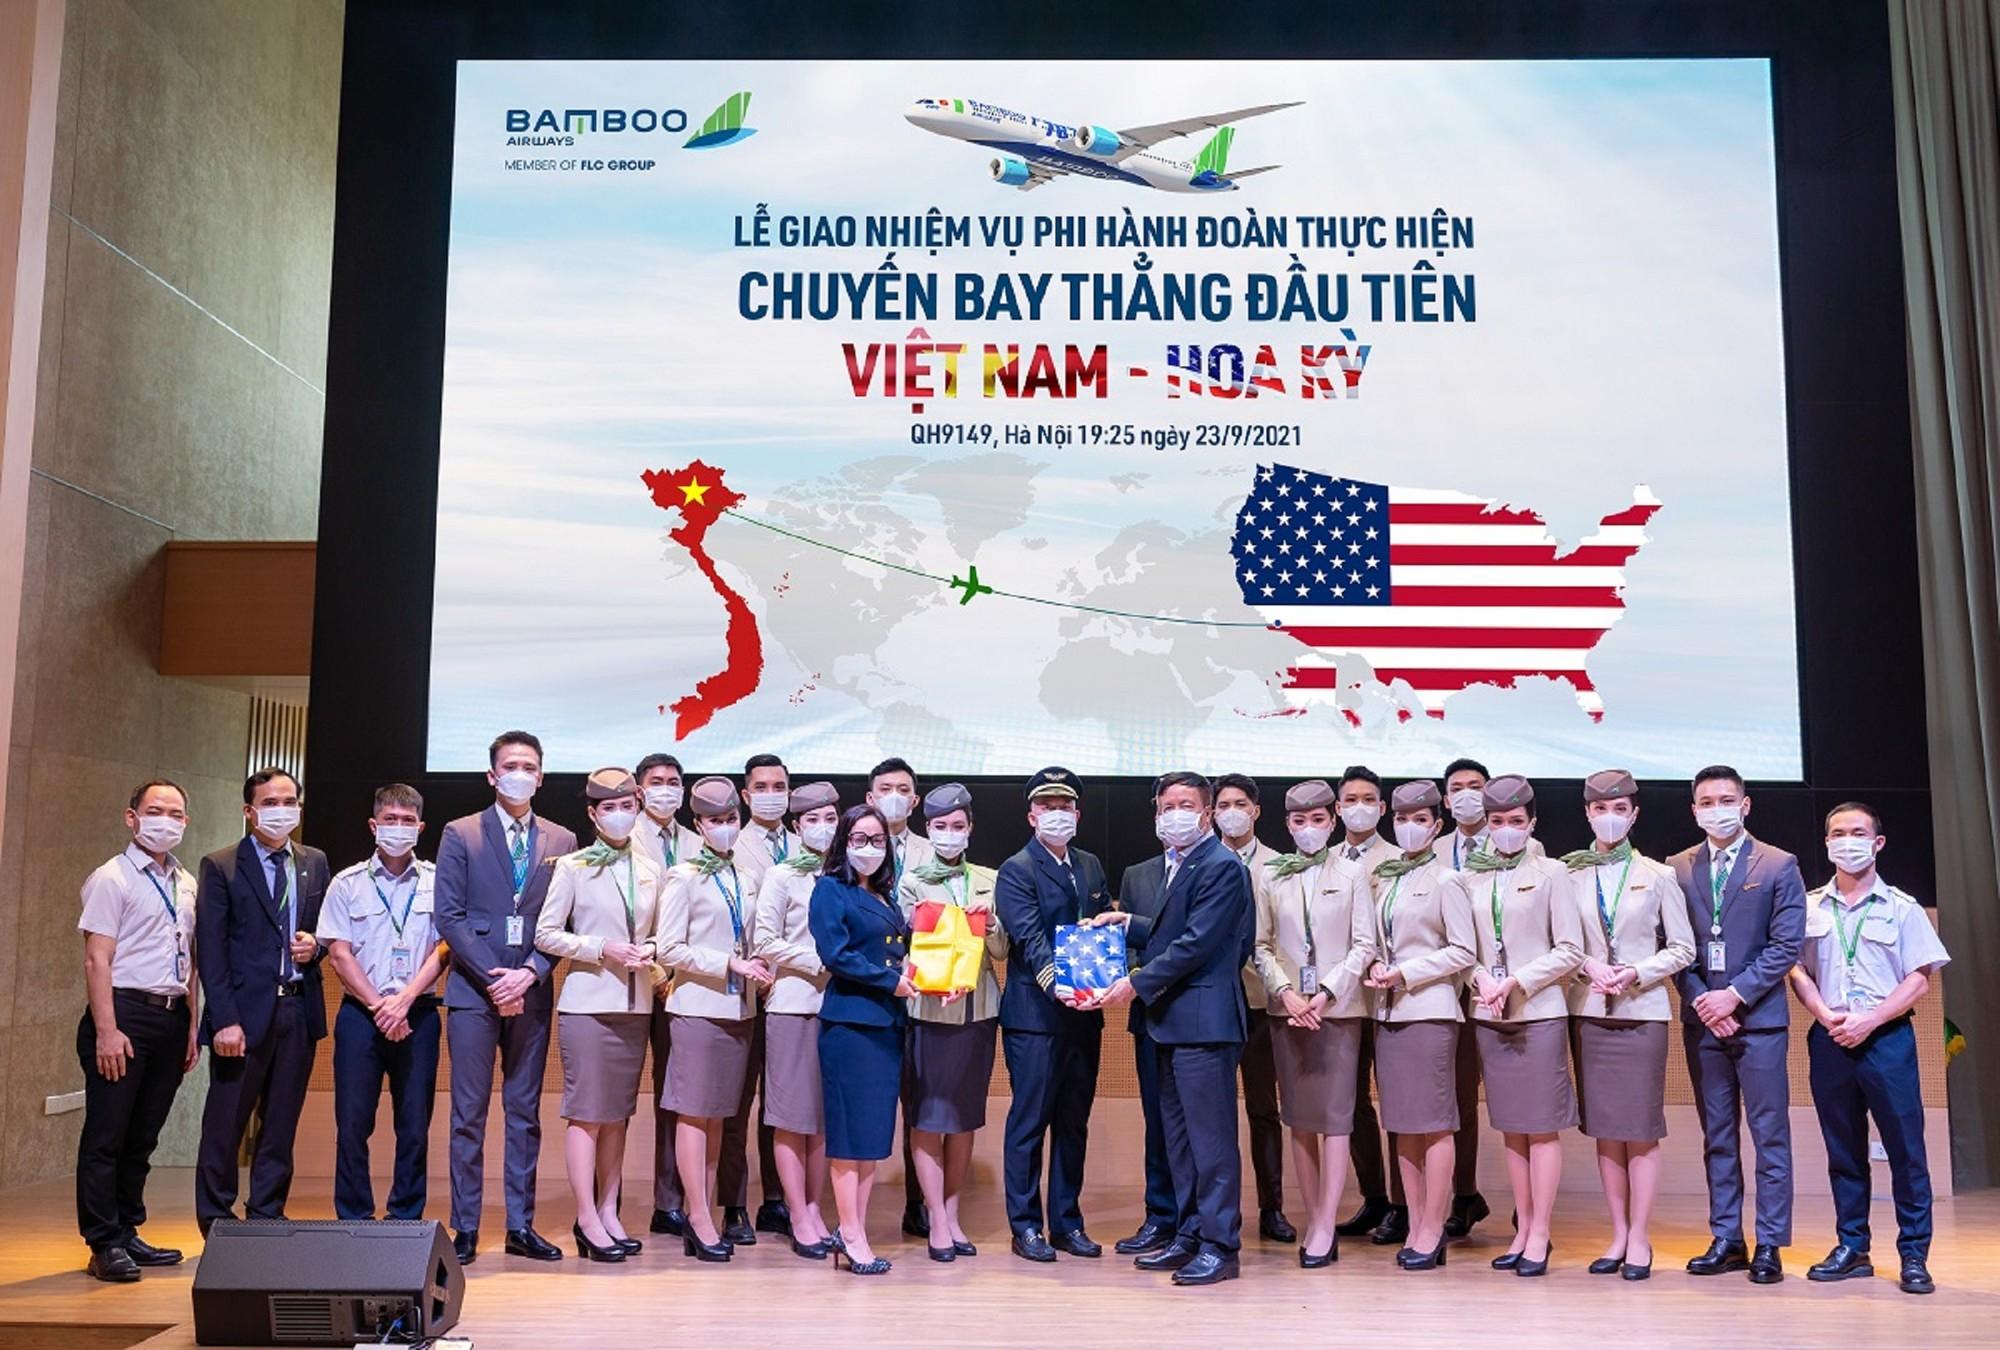 Theo chân chuyến bay thẳng lịch sử kết nối Việt – Mỹ của Bamboo Airways